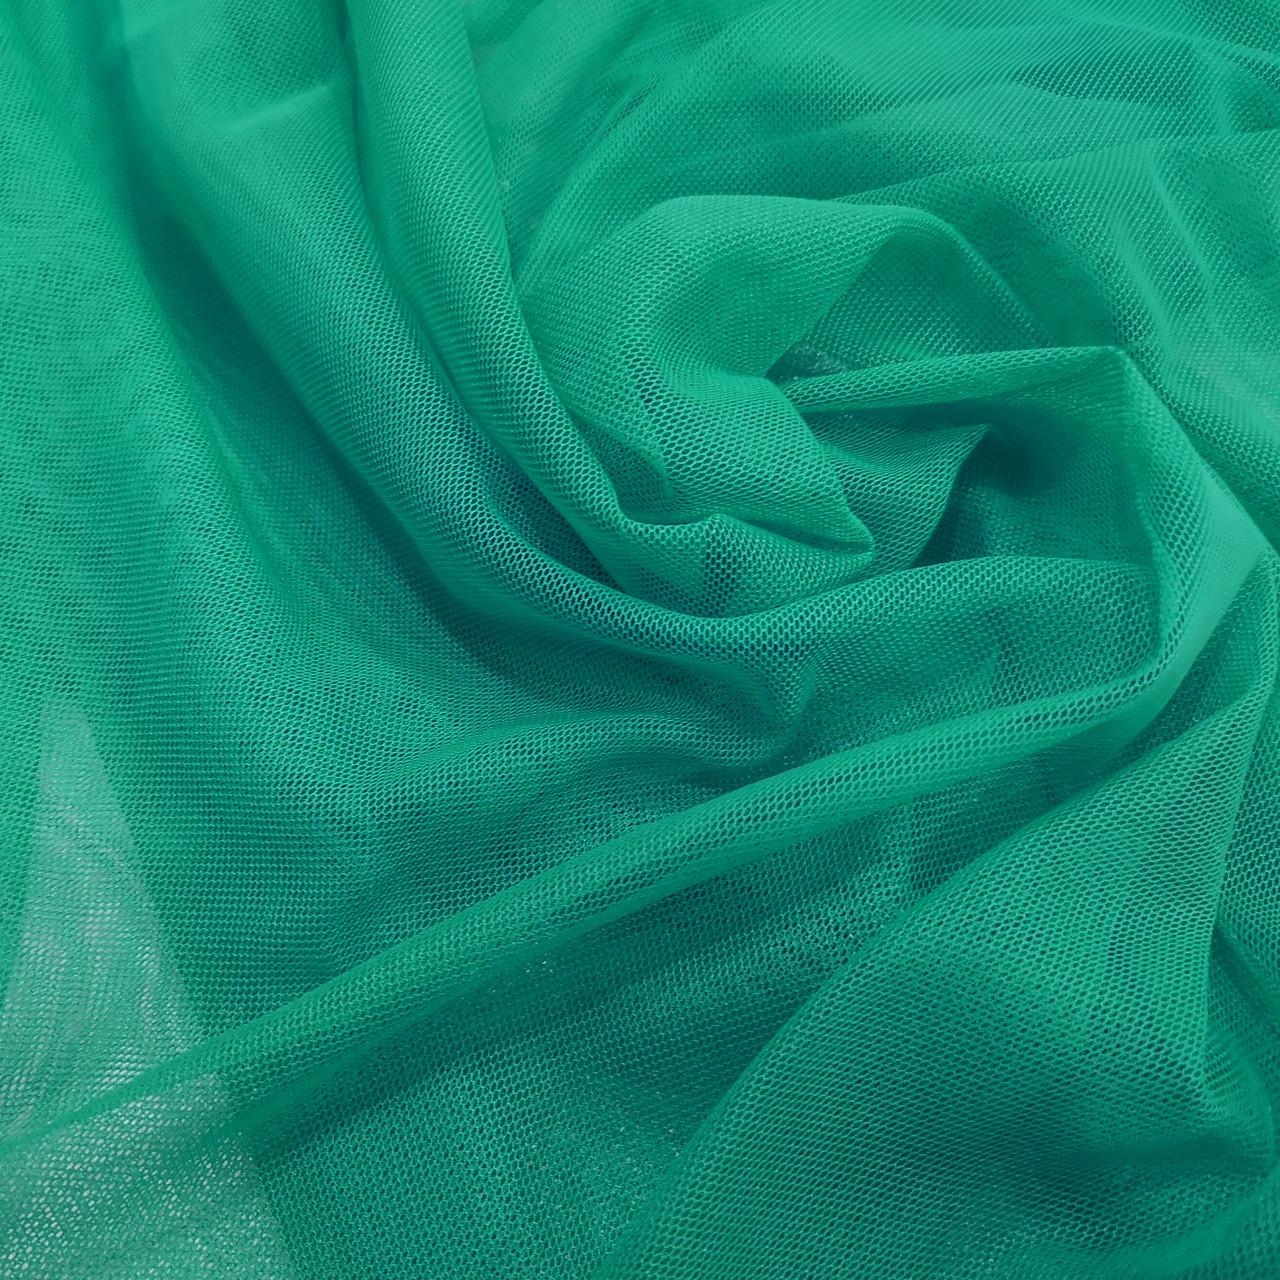 Ткань сетка стрейч бирюзовая